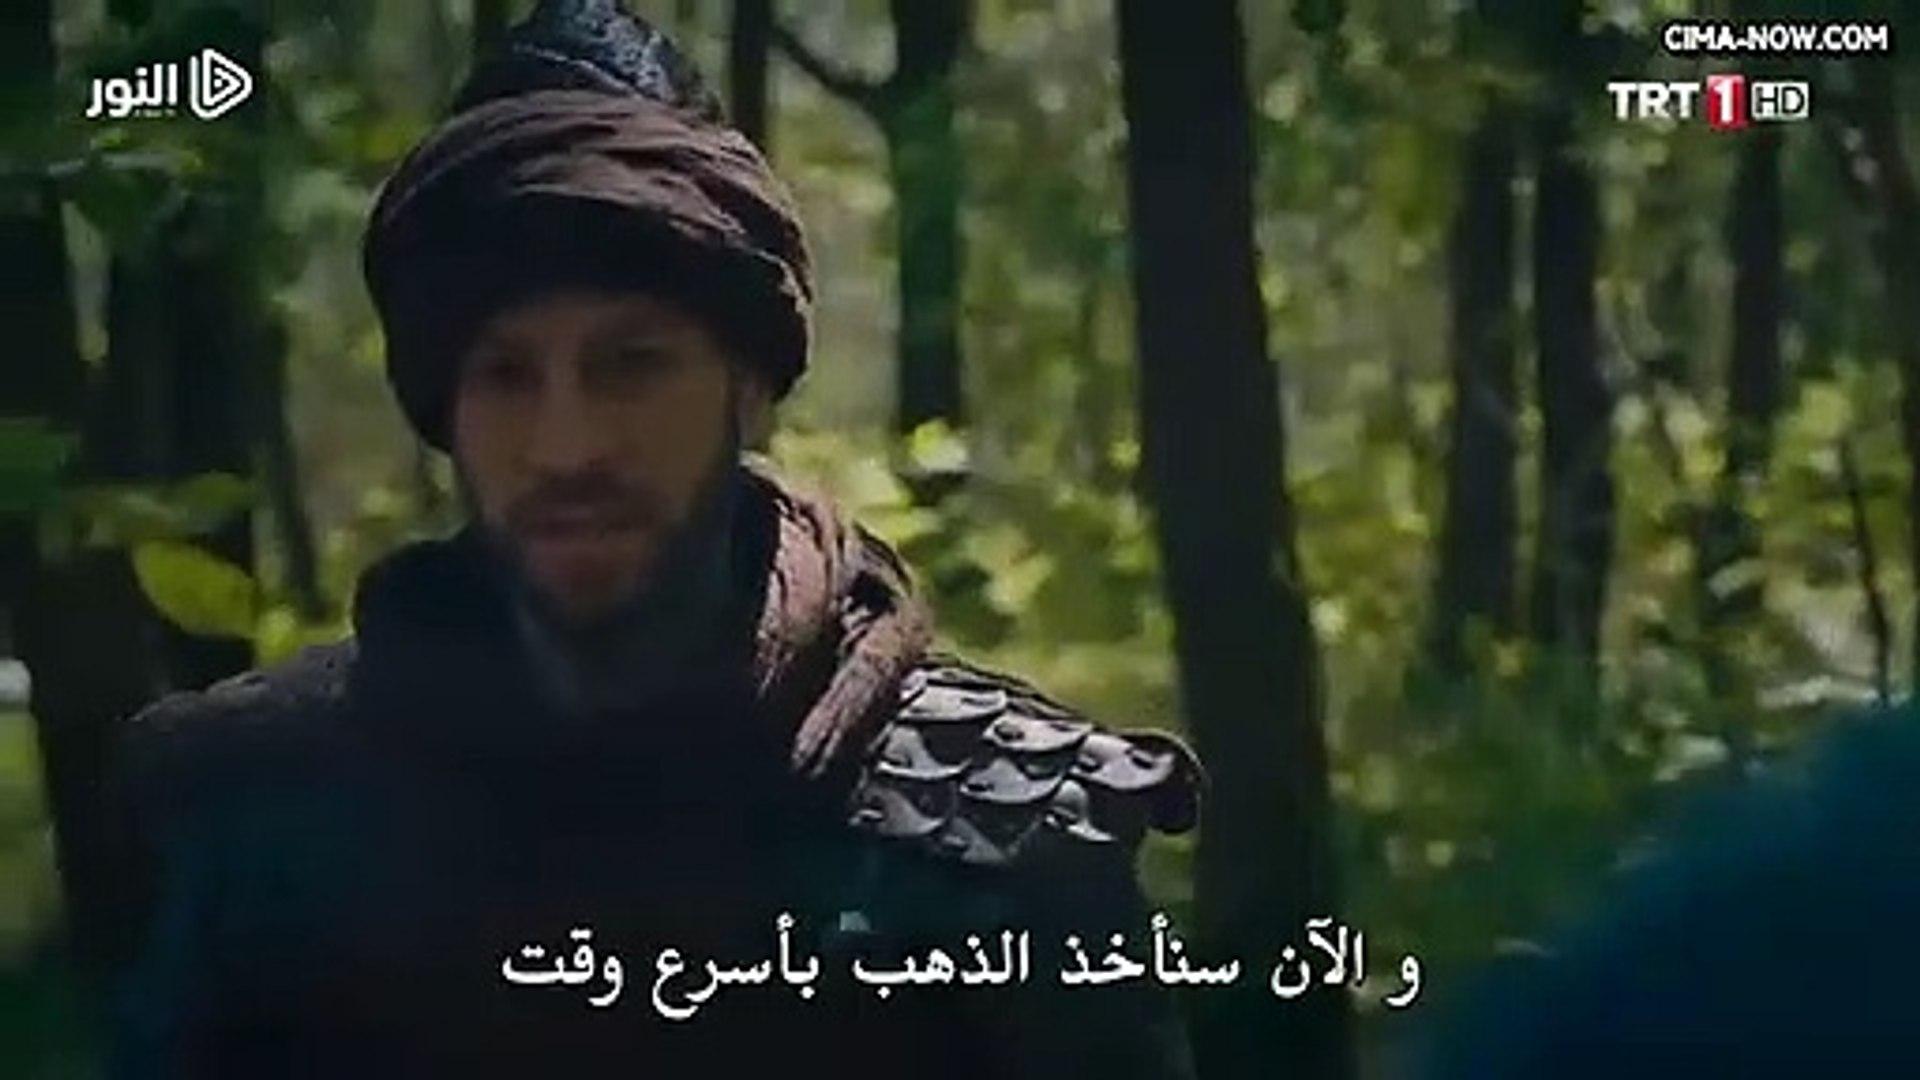 مسلسل ارطغرل الجزء الخامس الحلقة 151